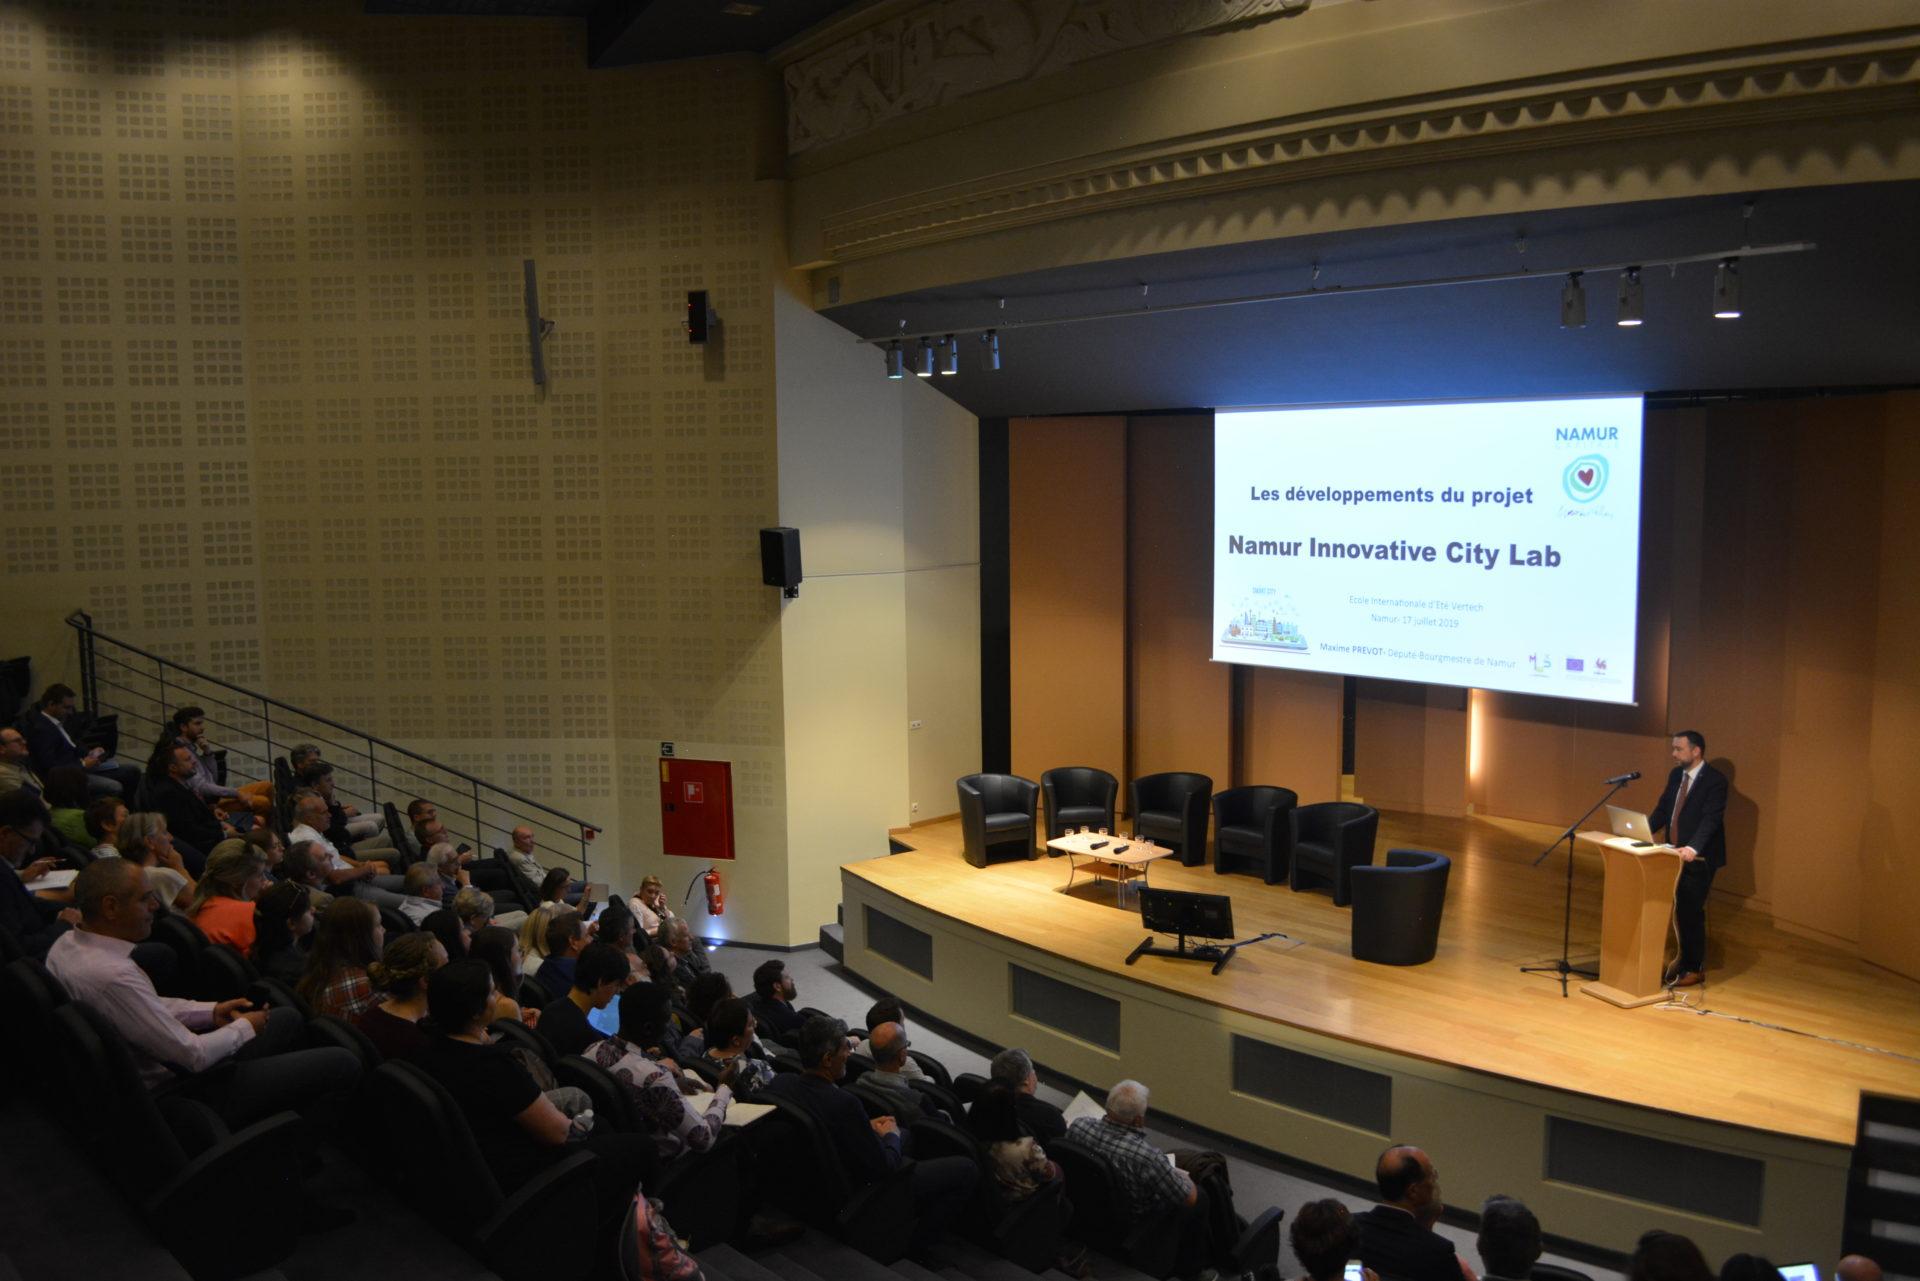 EIE 2019 - Namur séance publique